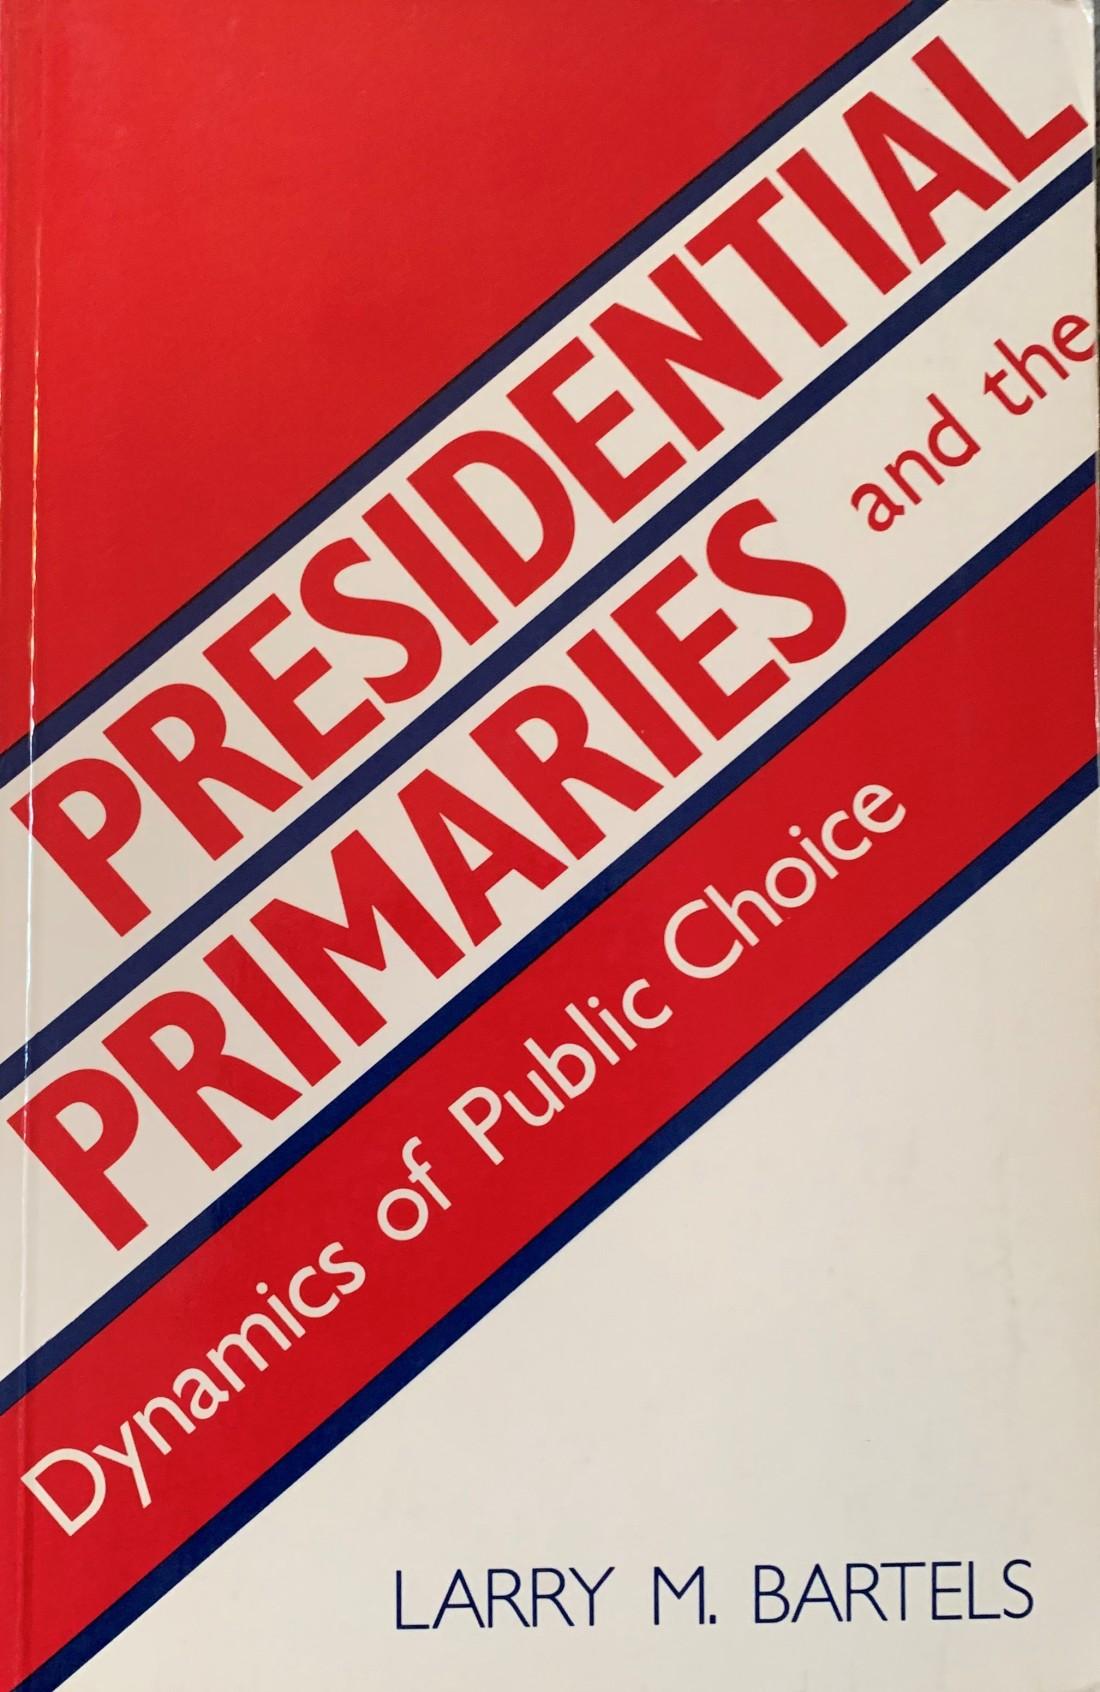 Bartels Presidential Primaries.JPG